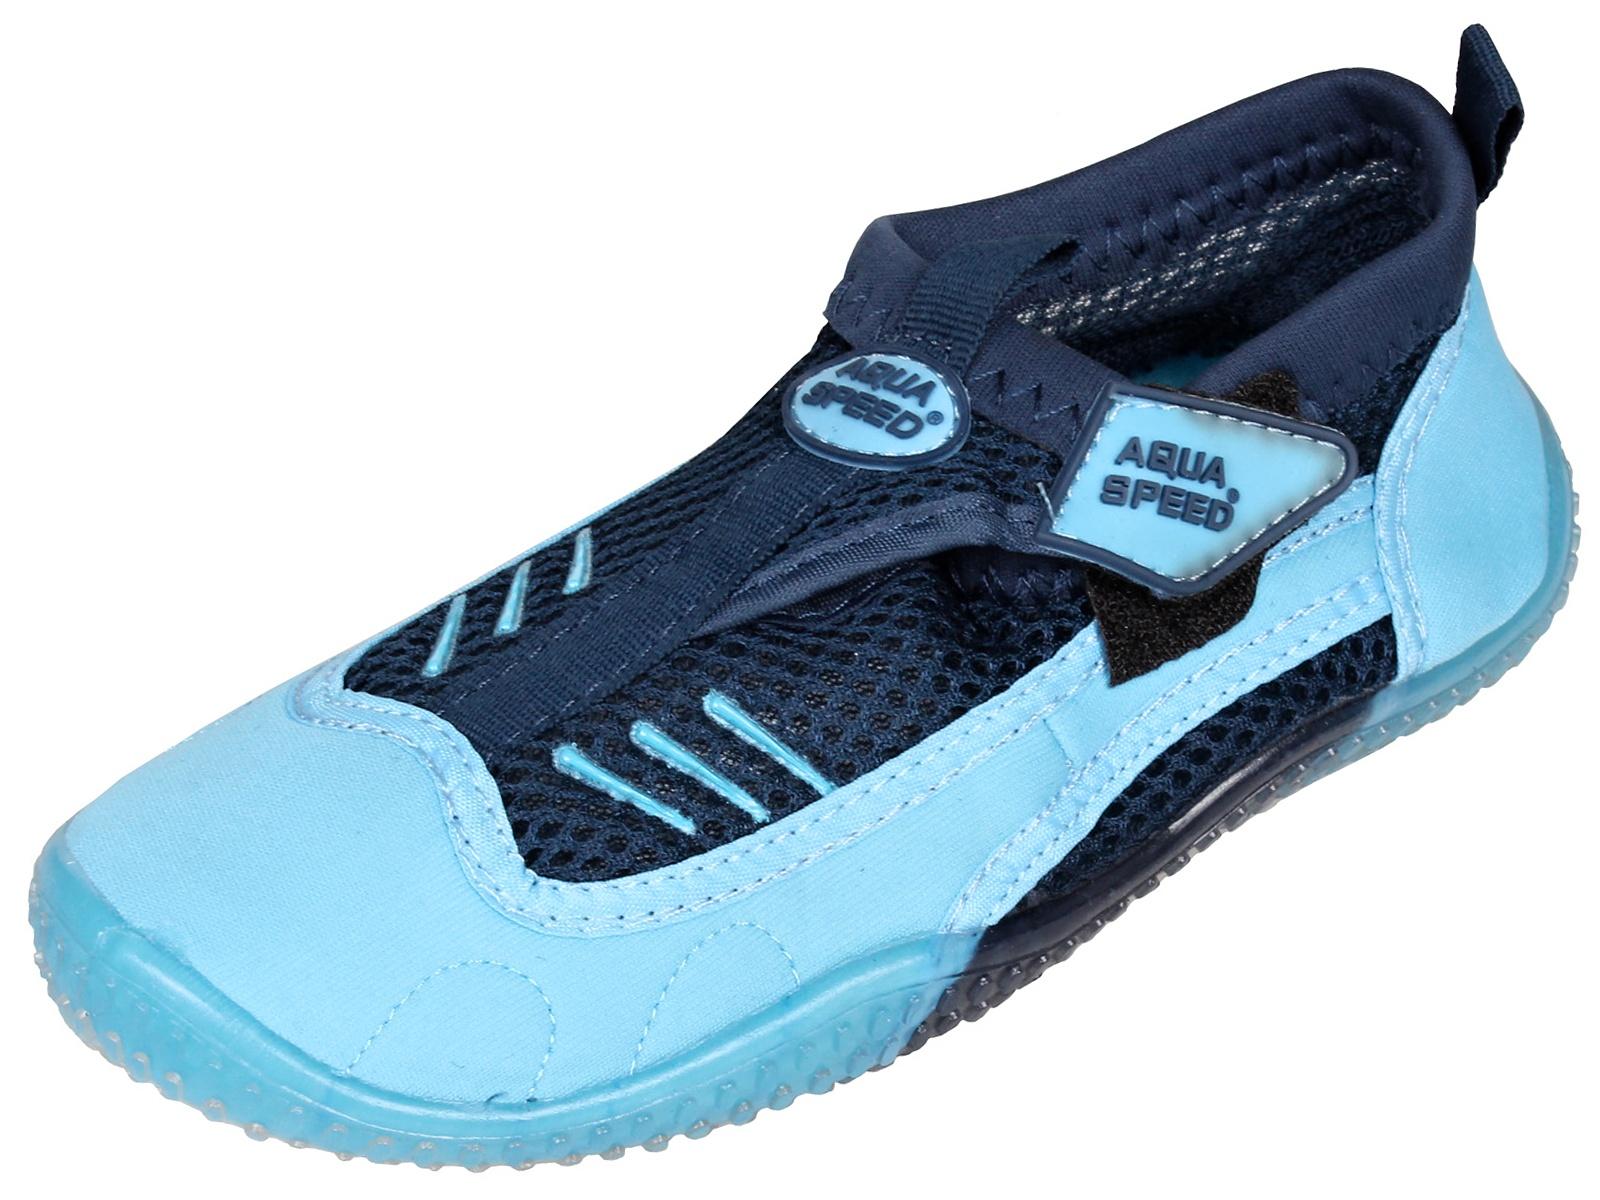 Boty do vody AQUA-SPEED 7A modré - vel. 45